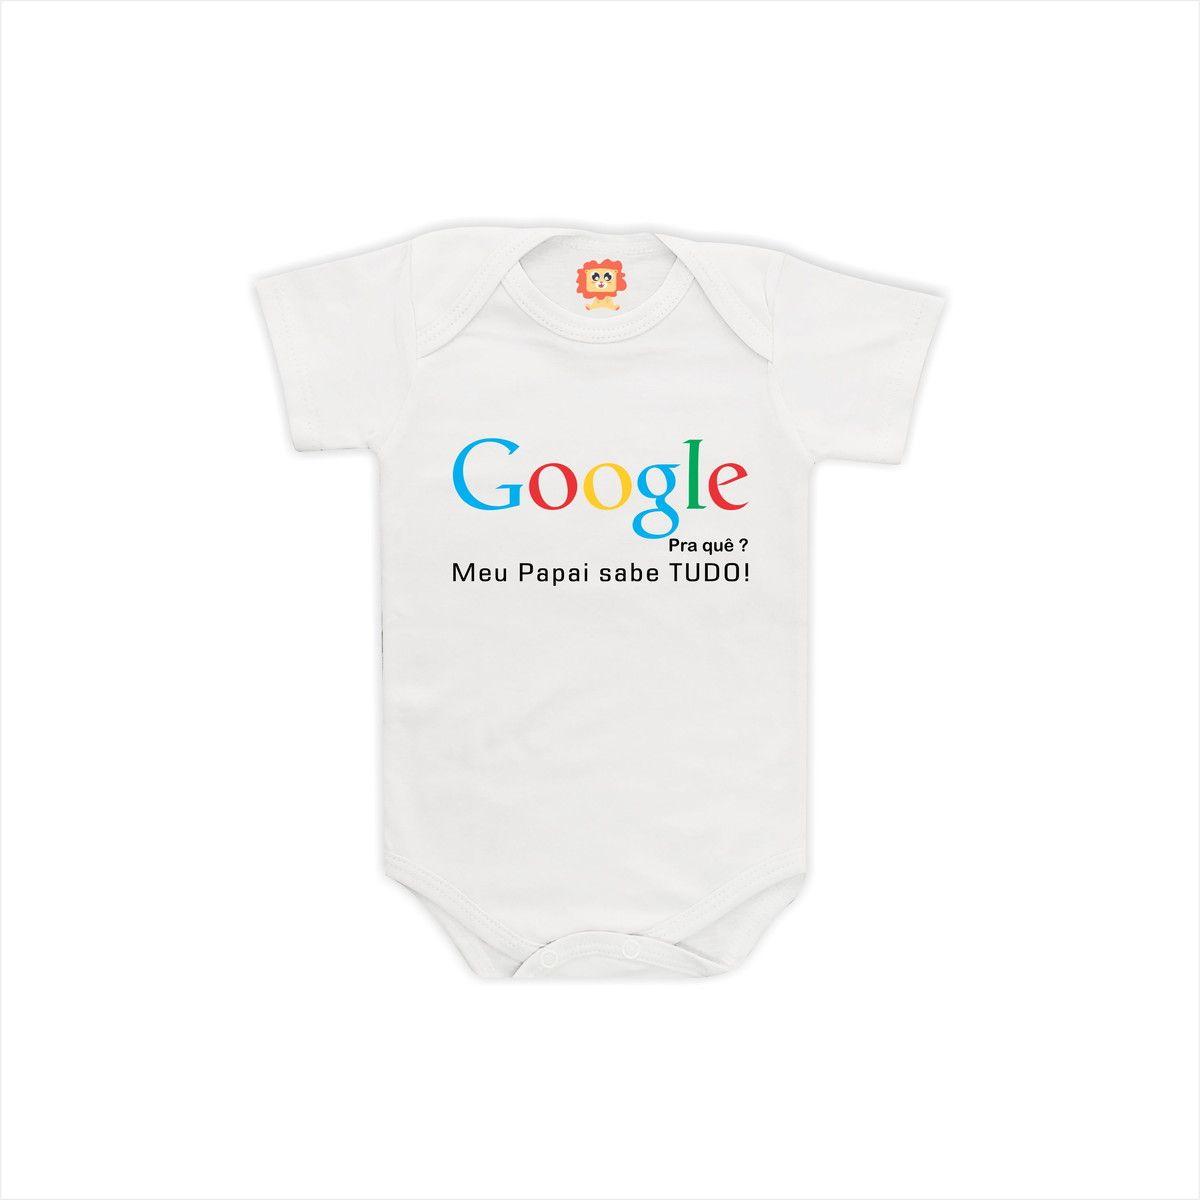 Body de Bebê Google Pra Quê?